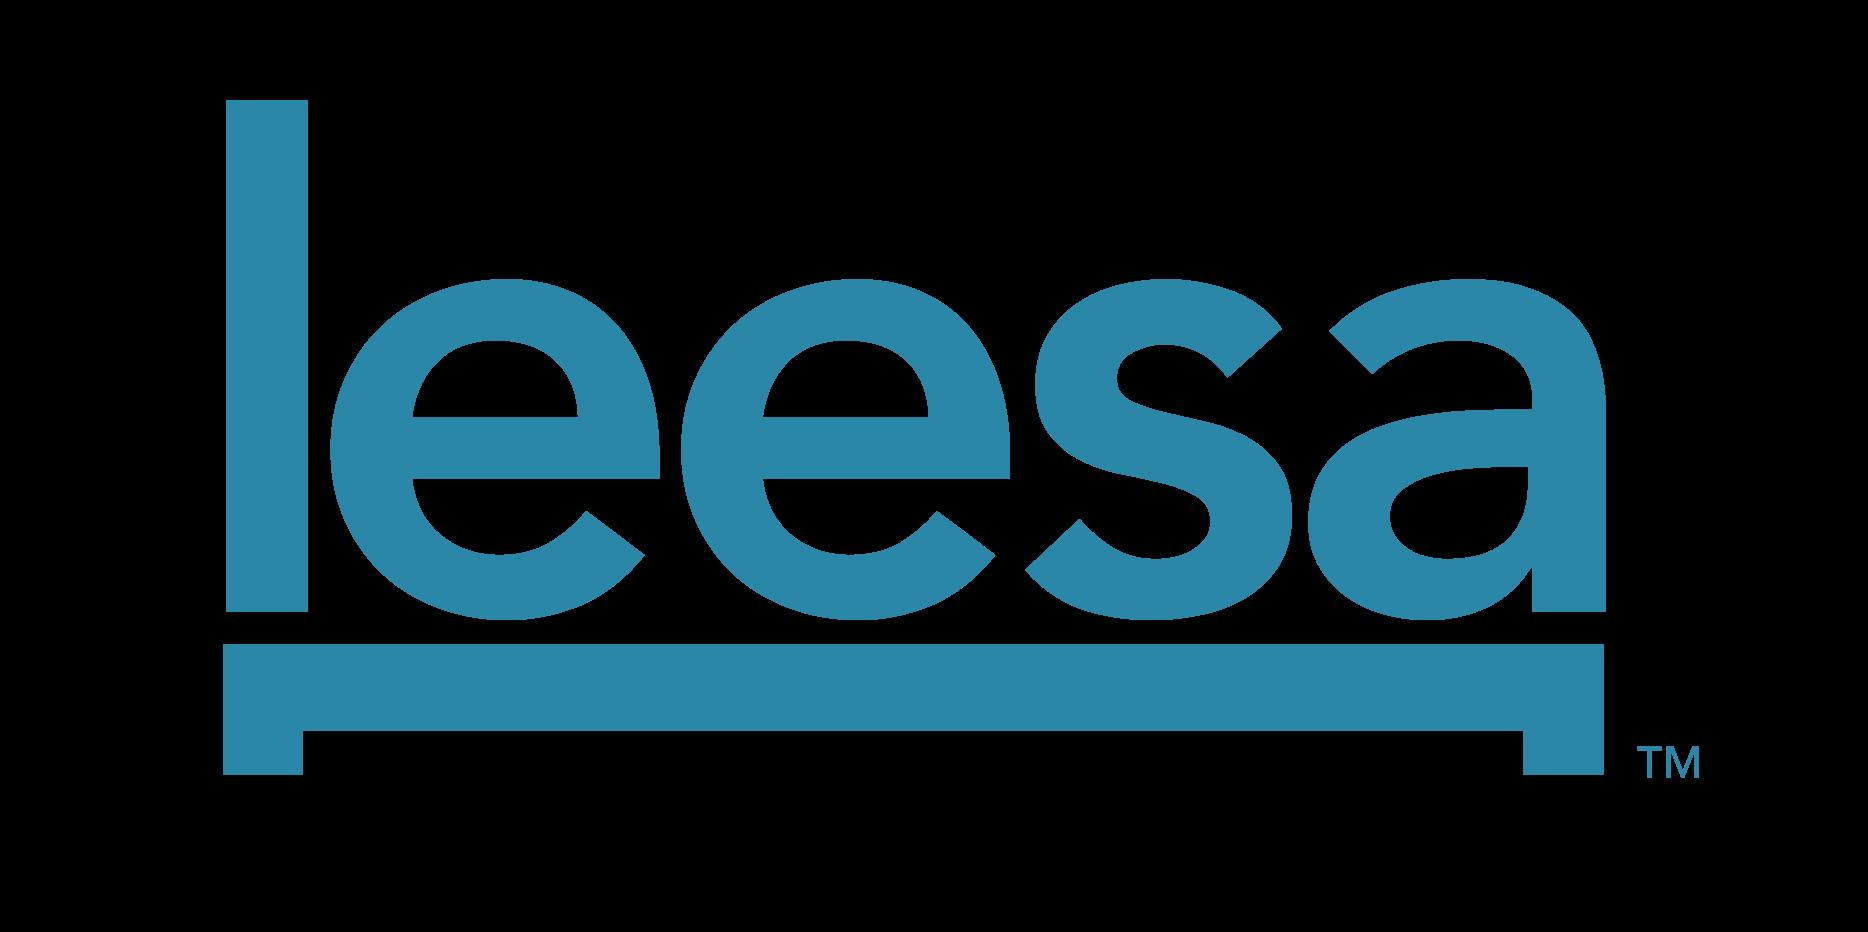 Leesa_logo.png